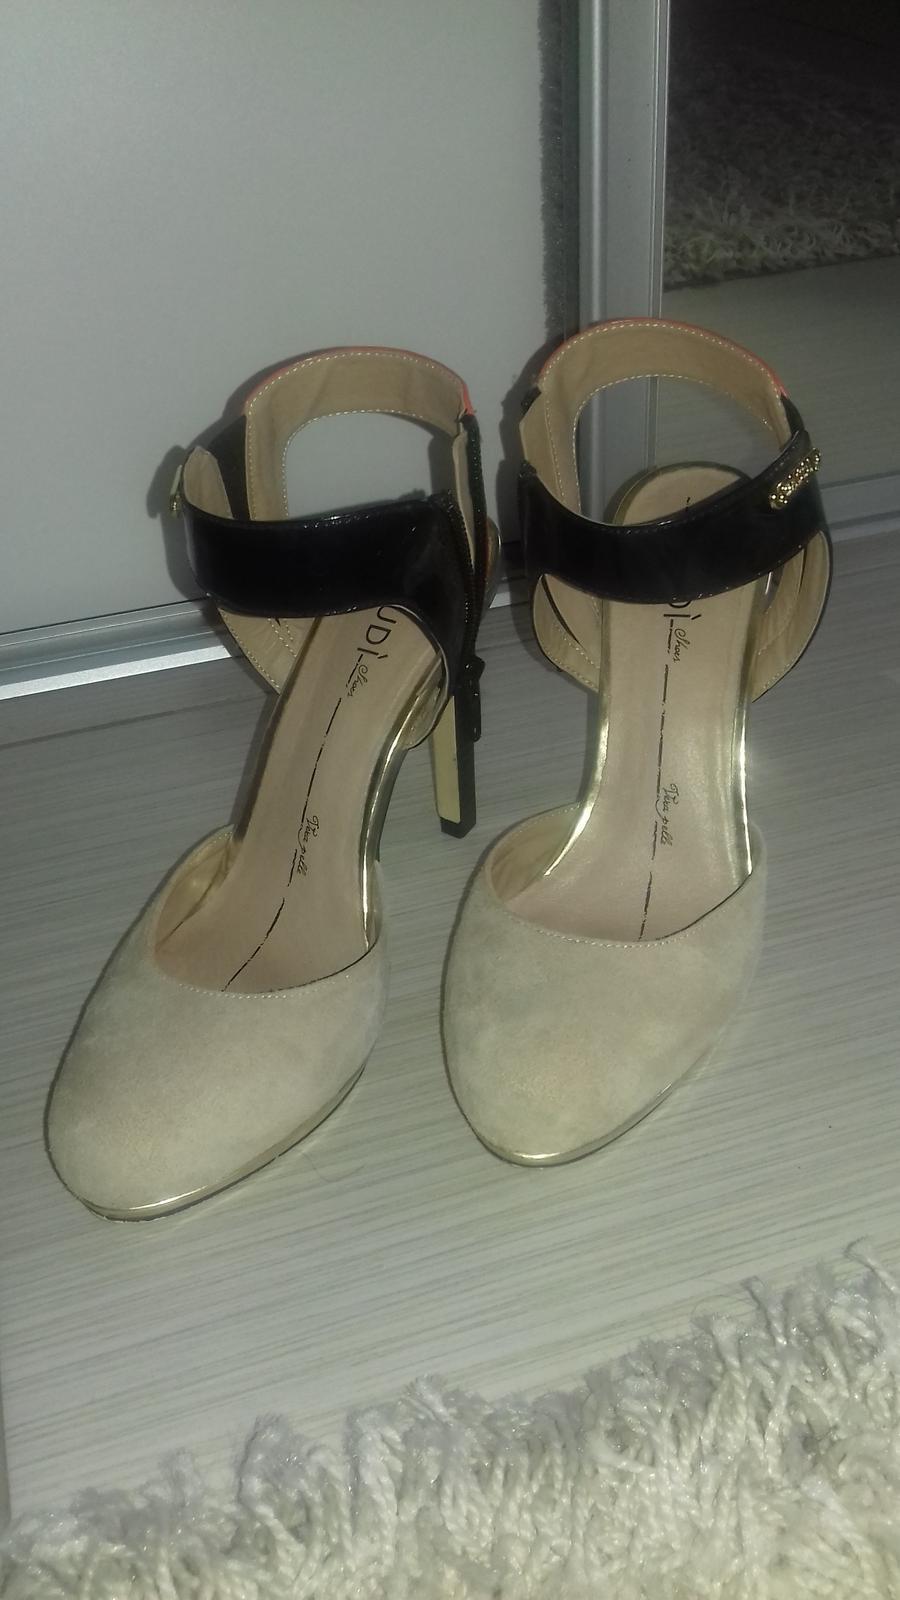 Sandalky GAUDI - Obrázok č. 1